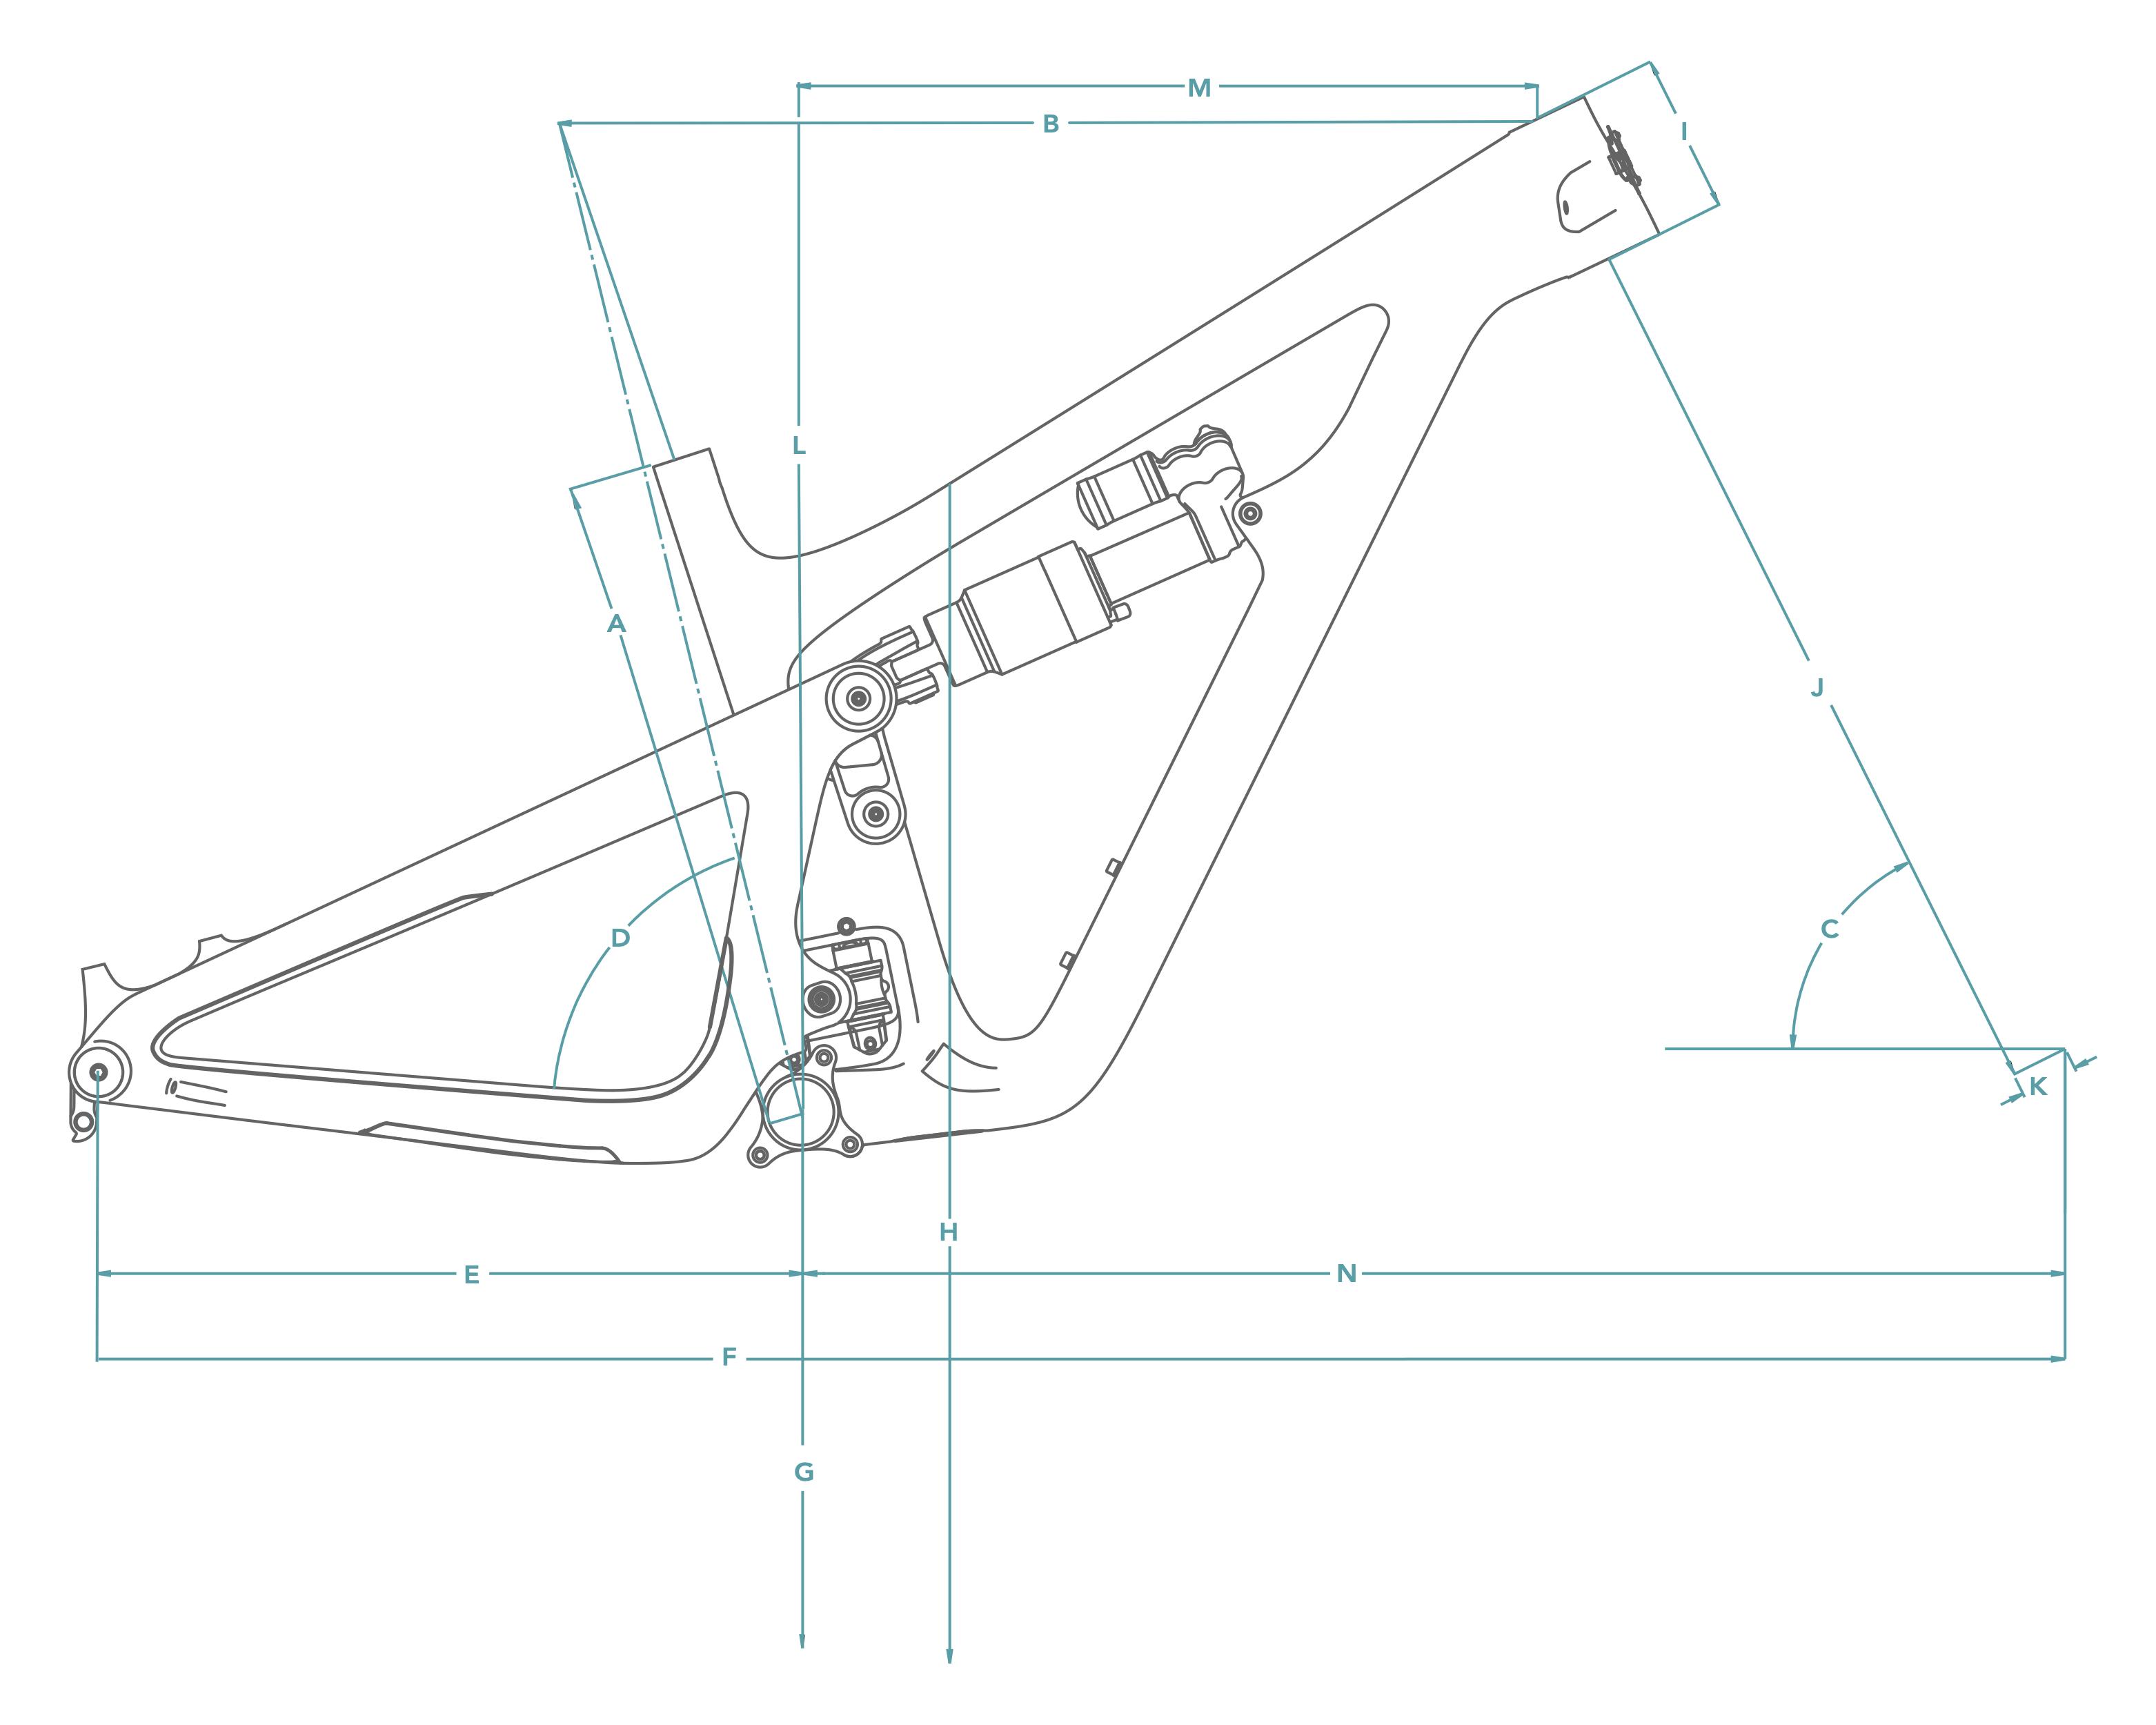 SB150 Geometry